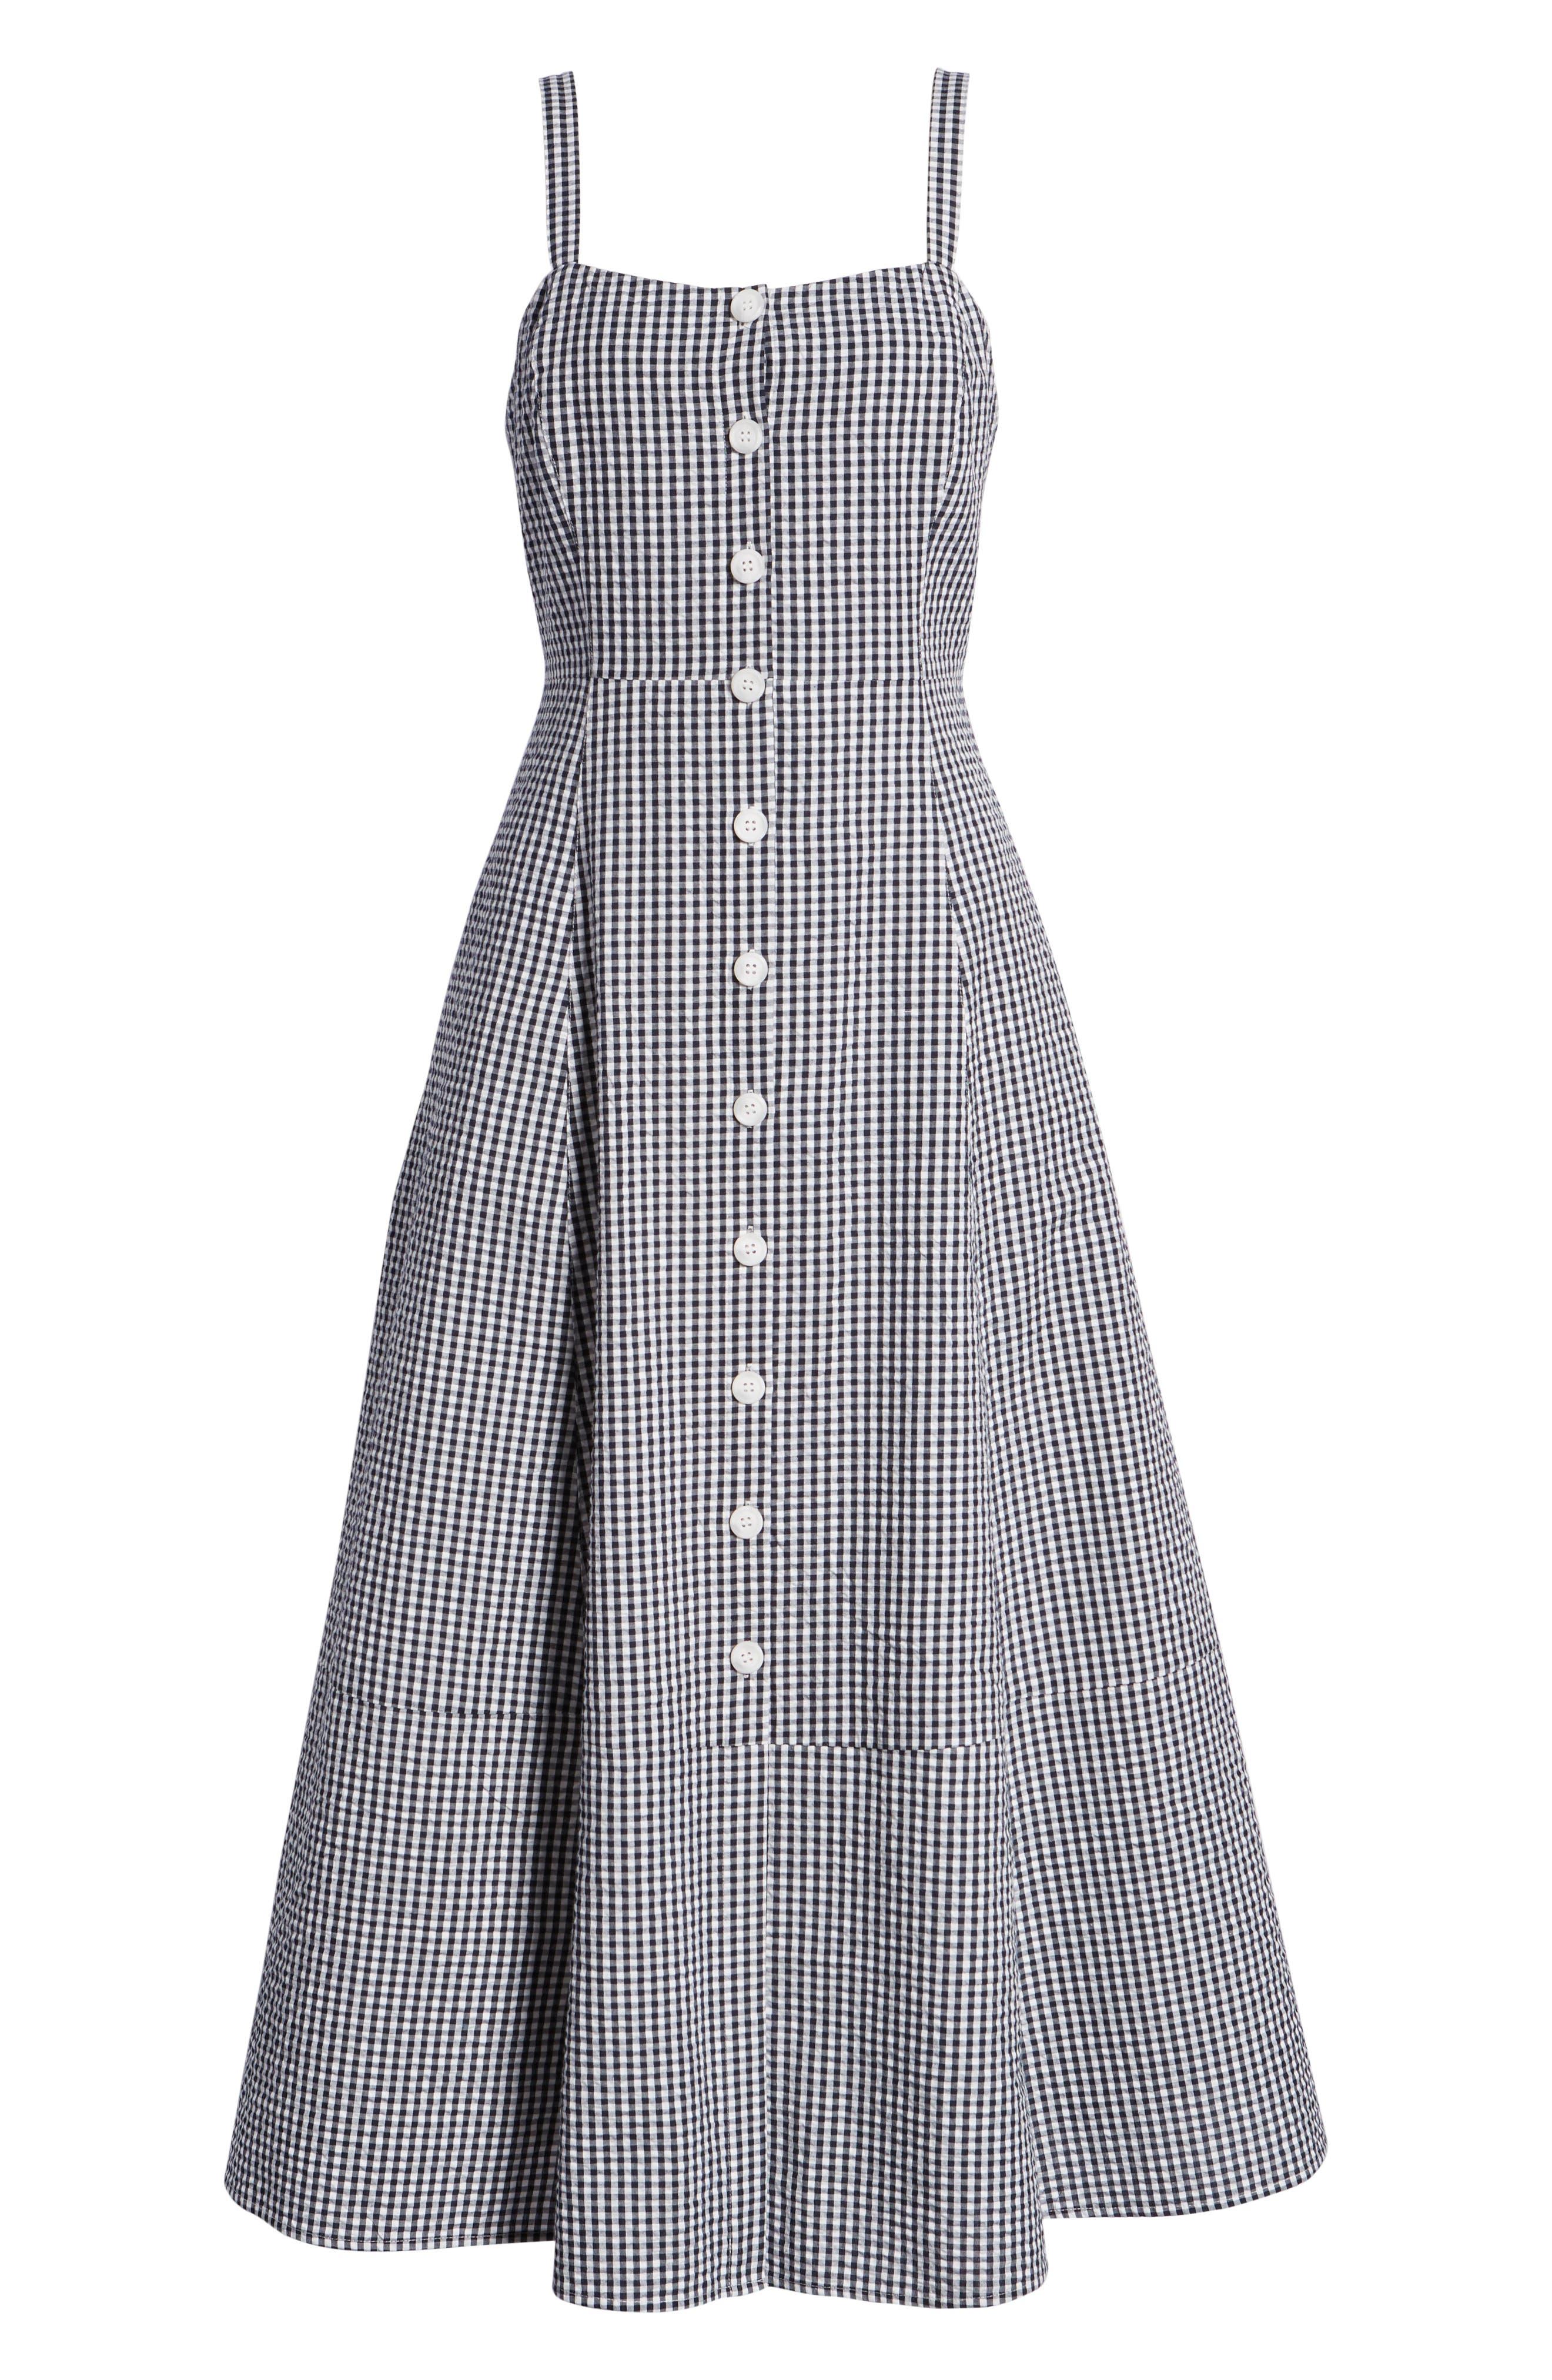 Gingham Button Front Cotton Blend Dress,                             Alternate thumbnail 7, color,                             410